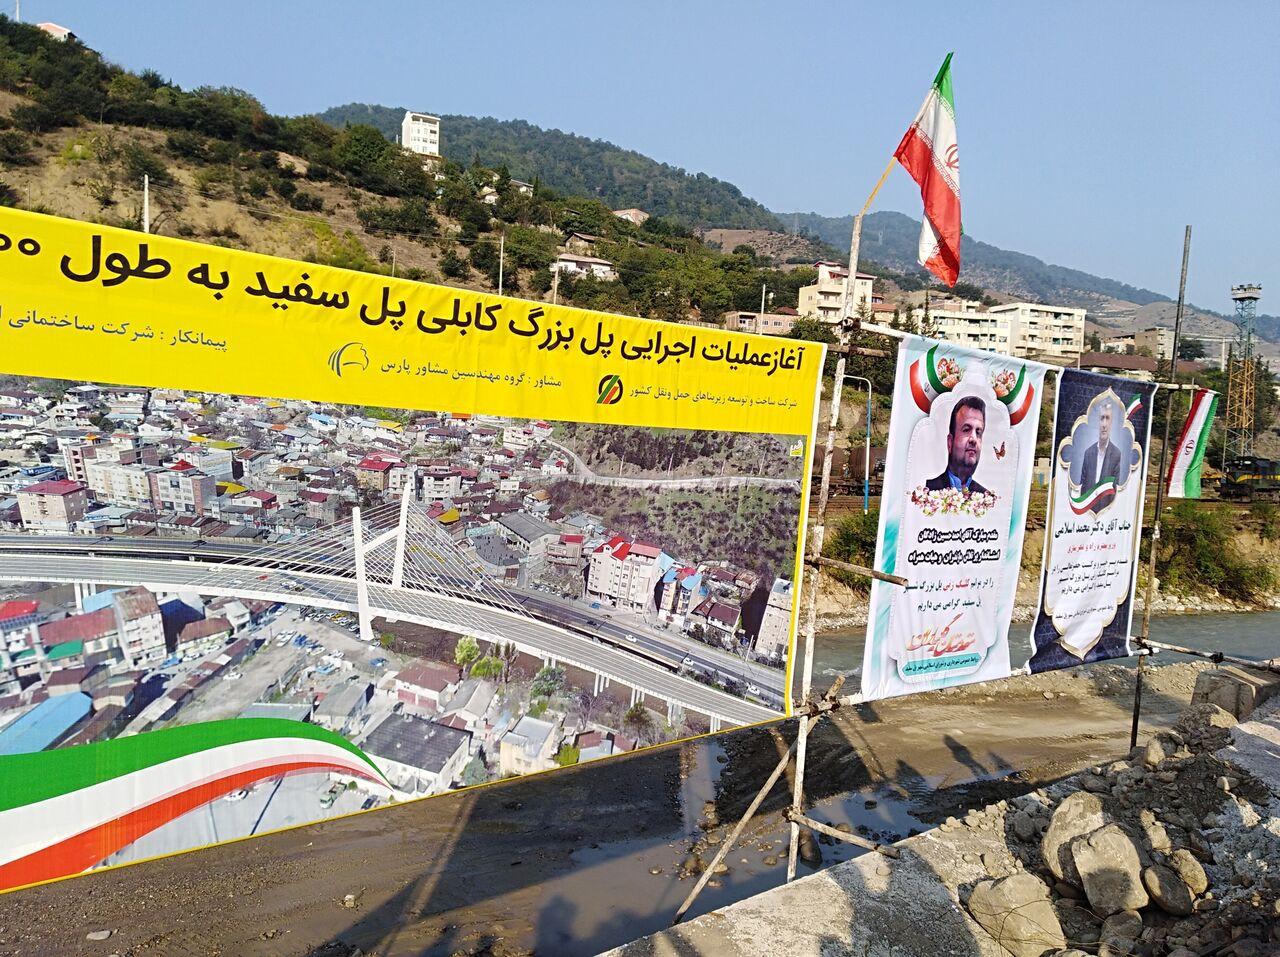 عملیات اجرایی پل محور سوادکوه _ تهران شروع شد